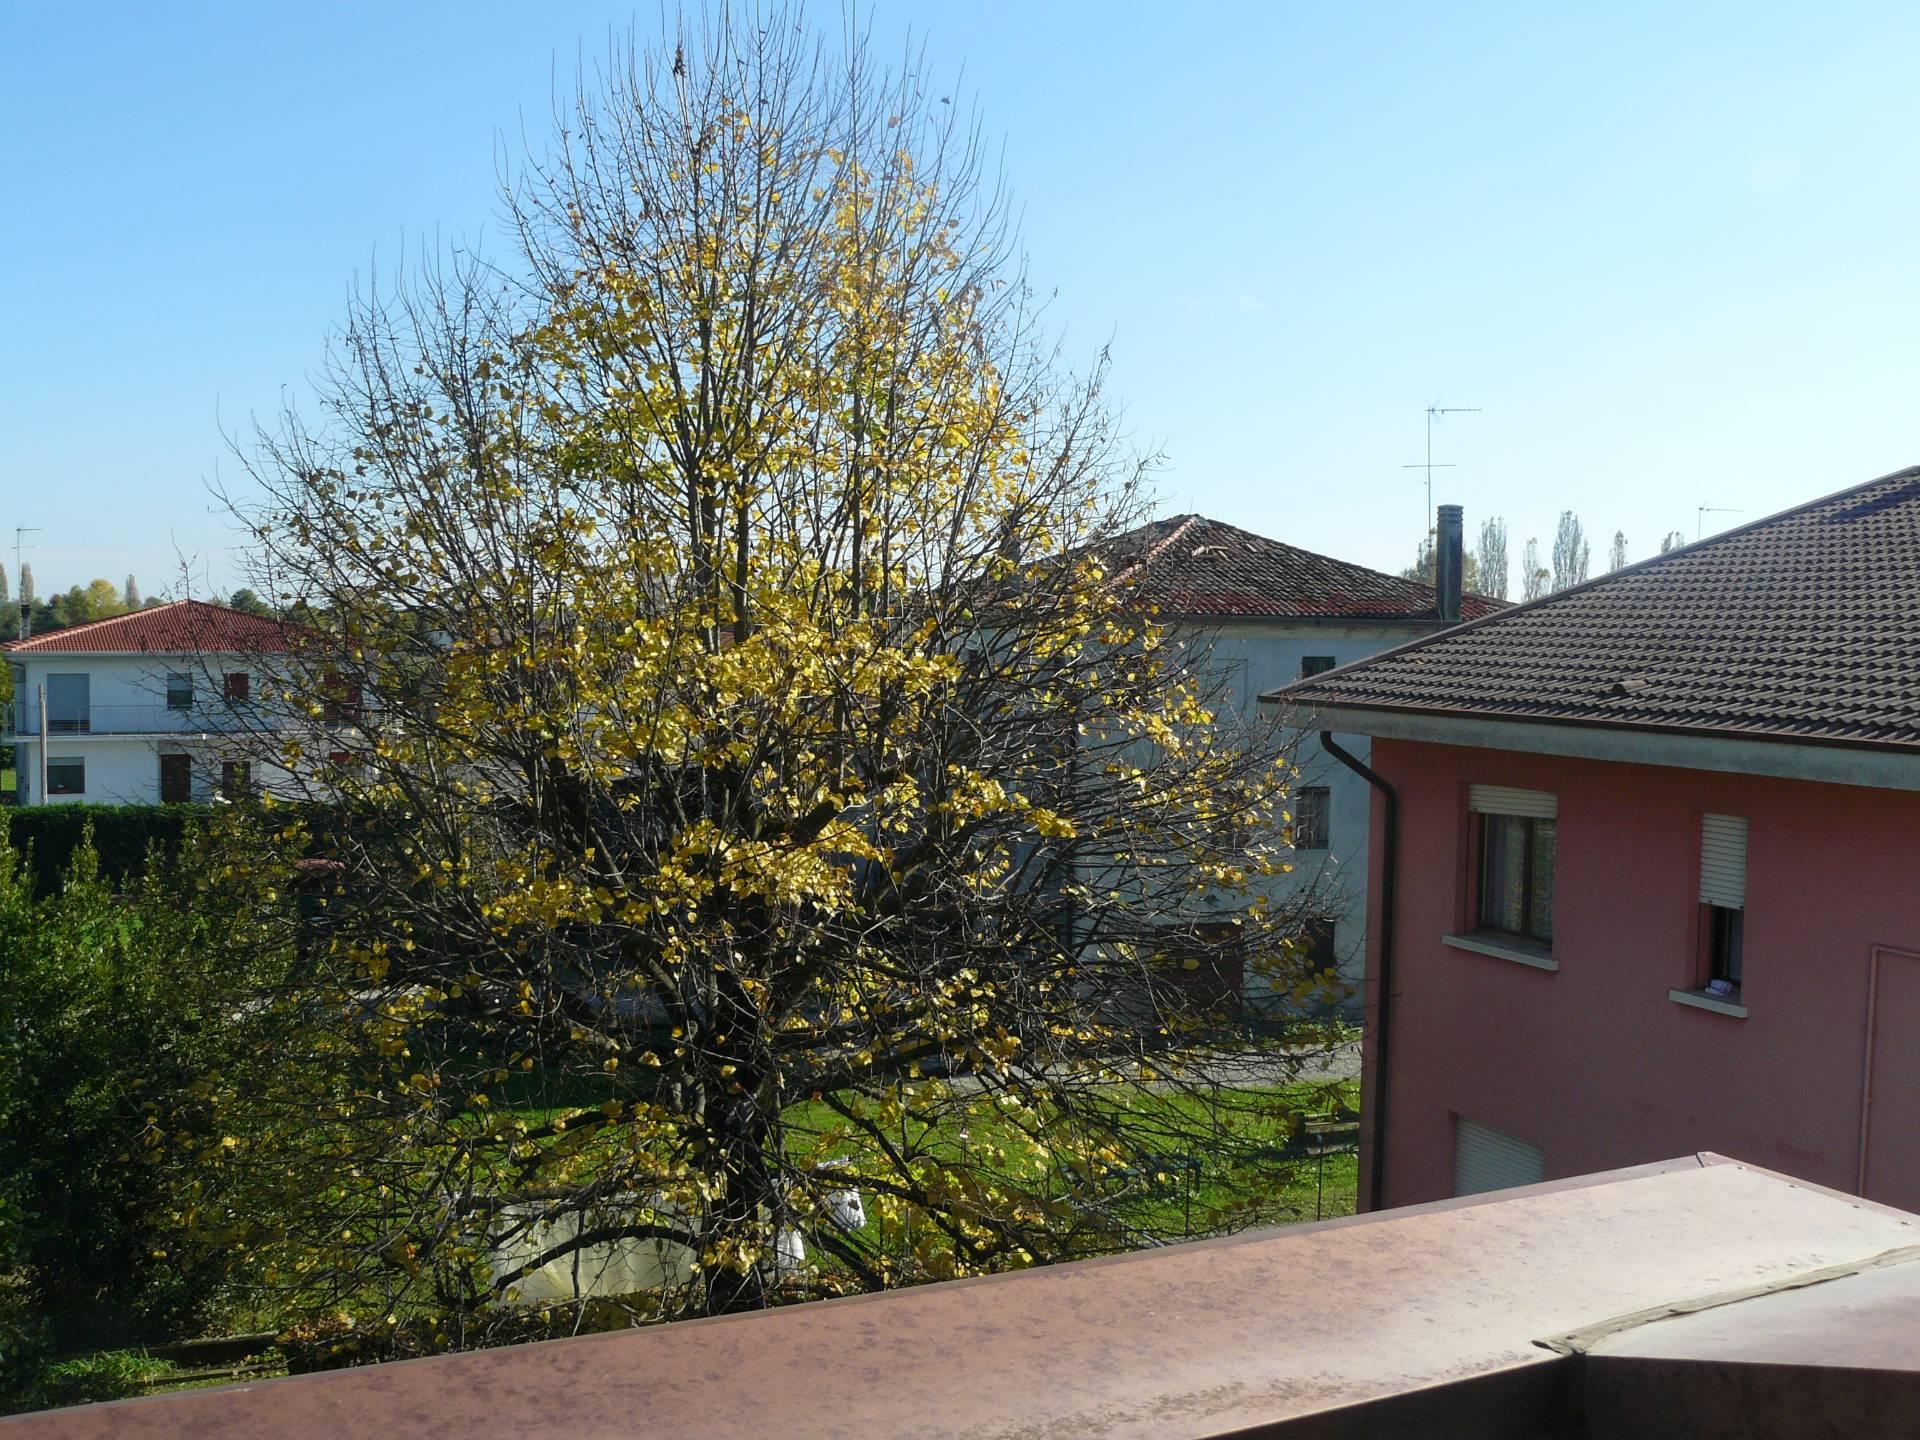 Appartamento in vendita a Silea, 8 locali, prezzo € 240.000 | Cambio Casa.it